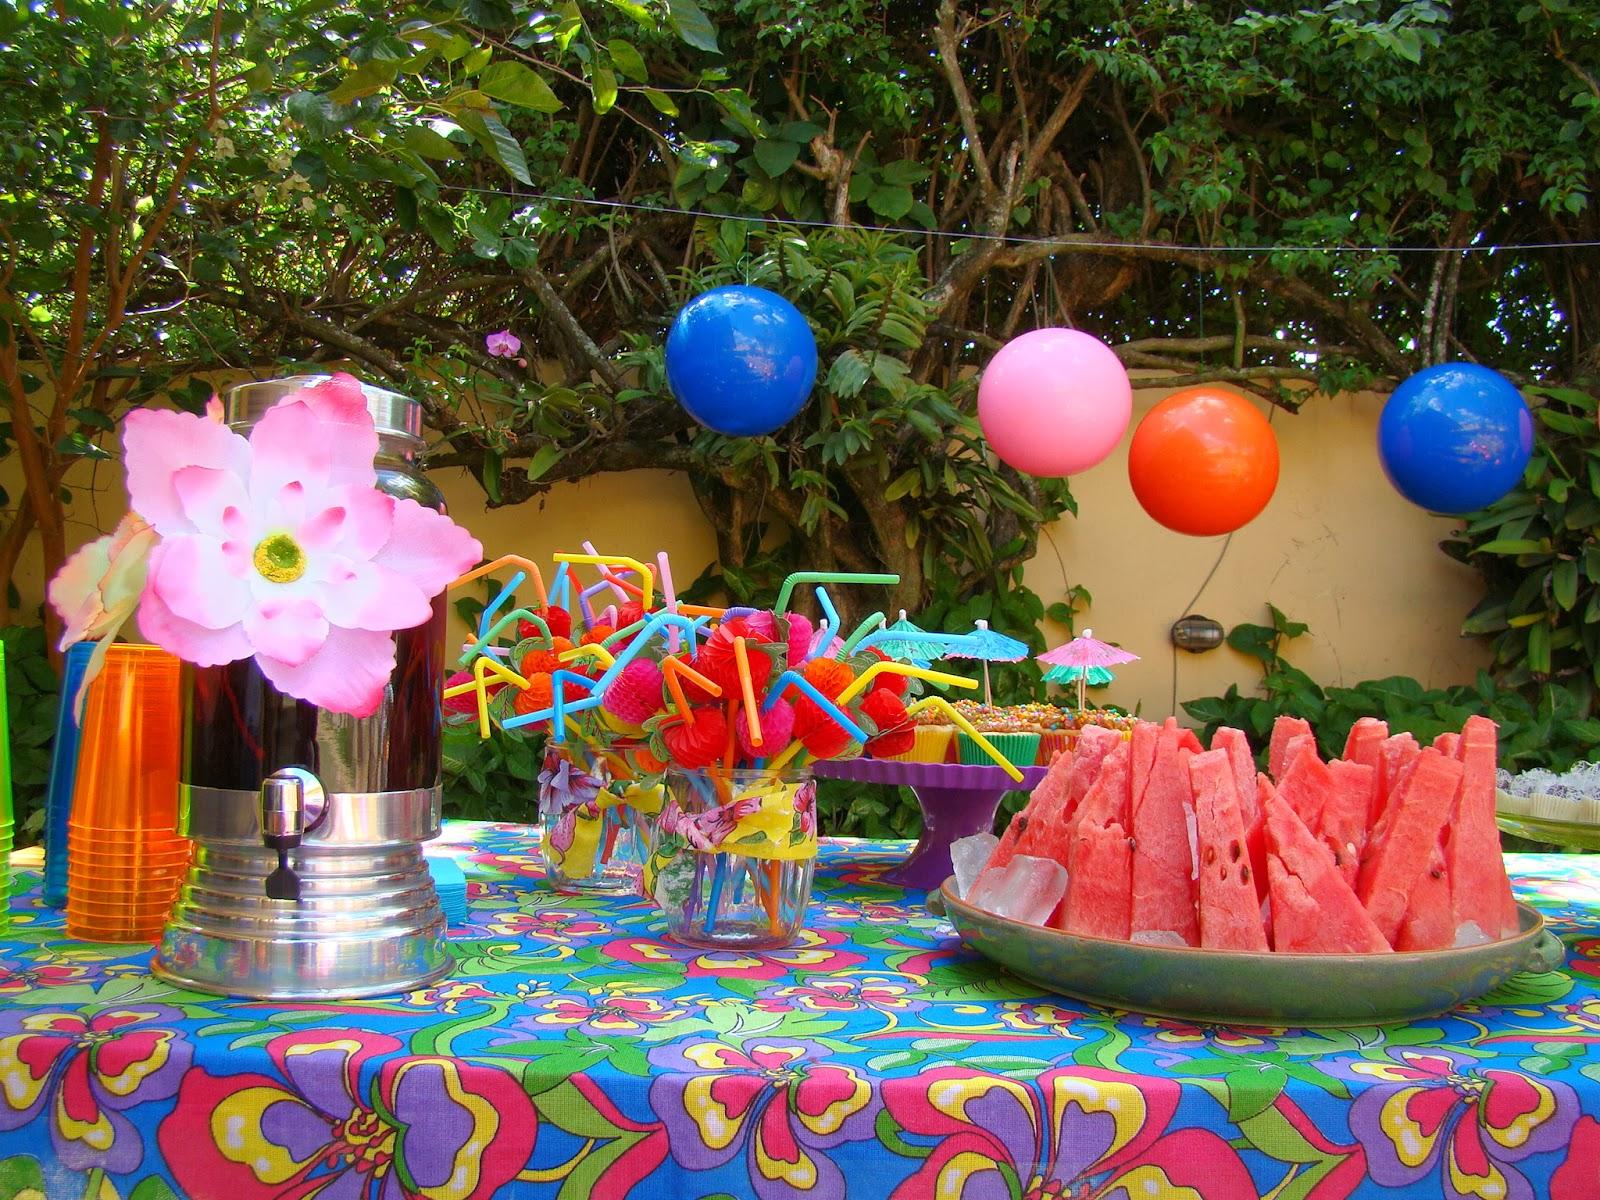 Cantando de gallo pool party da lola 5 anos for Piscina party